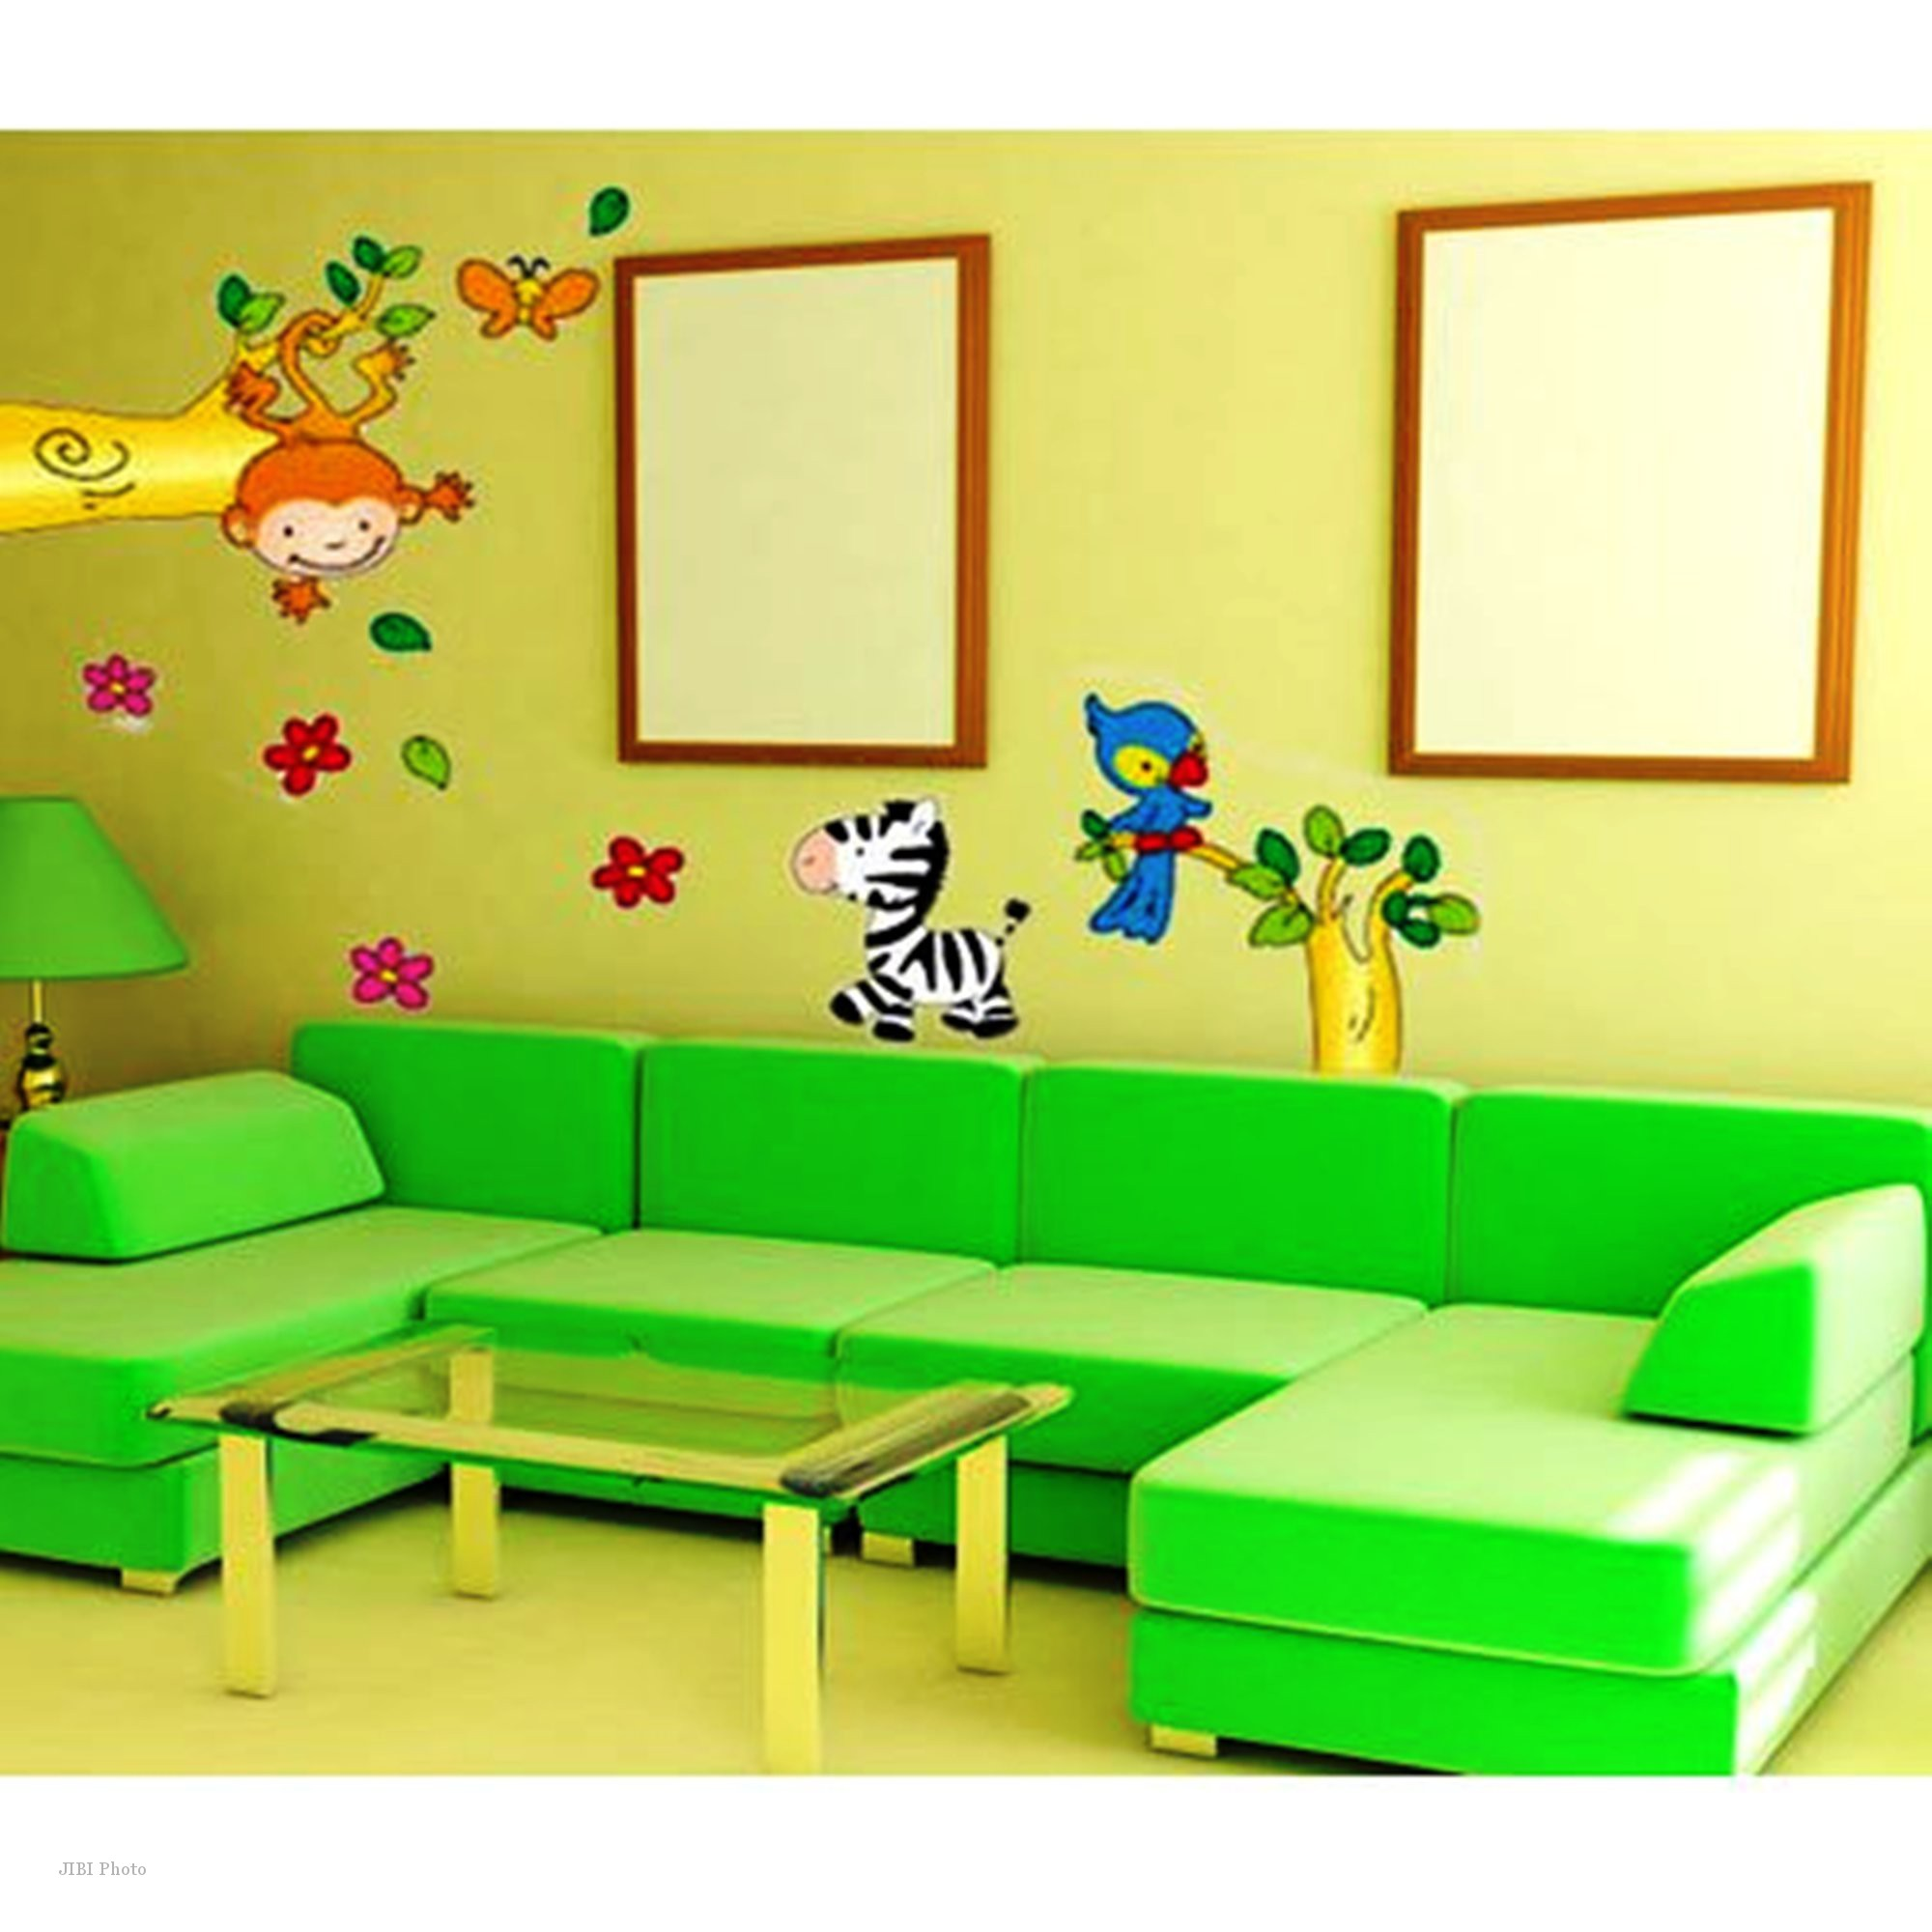 Image Gallery Of Gambar Ruang Tamu Animasi